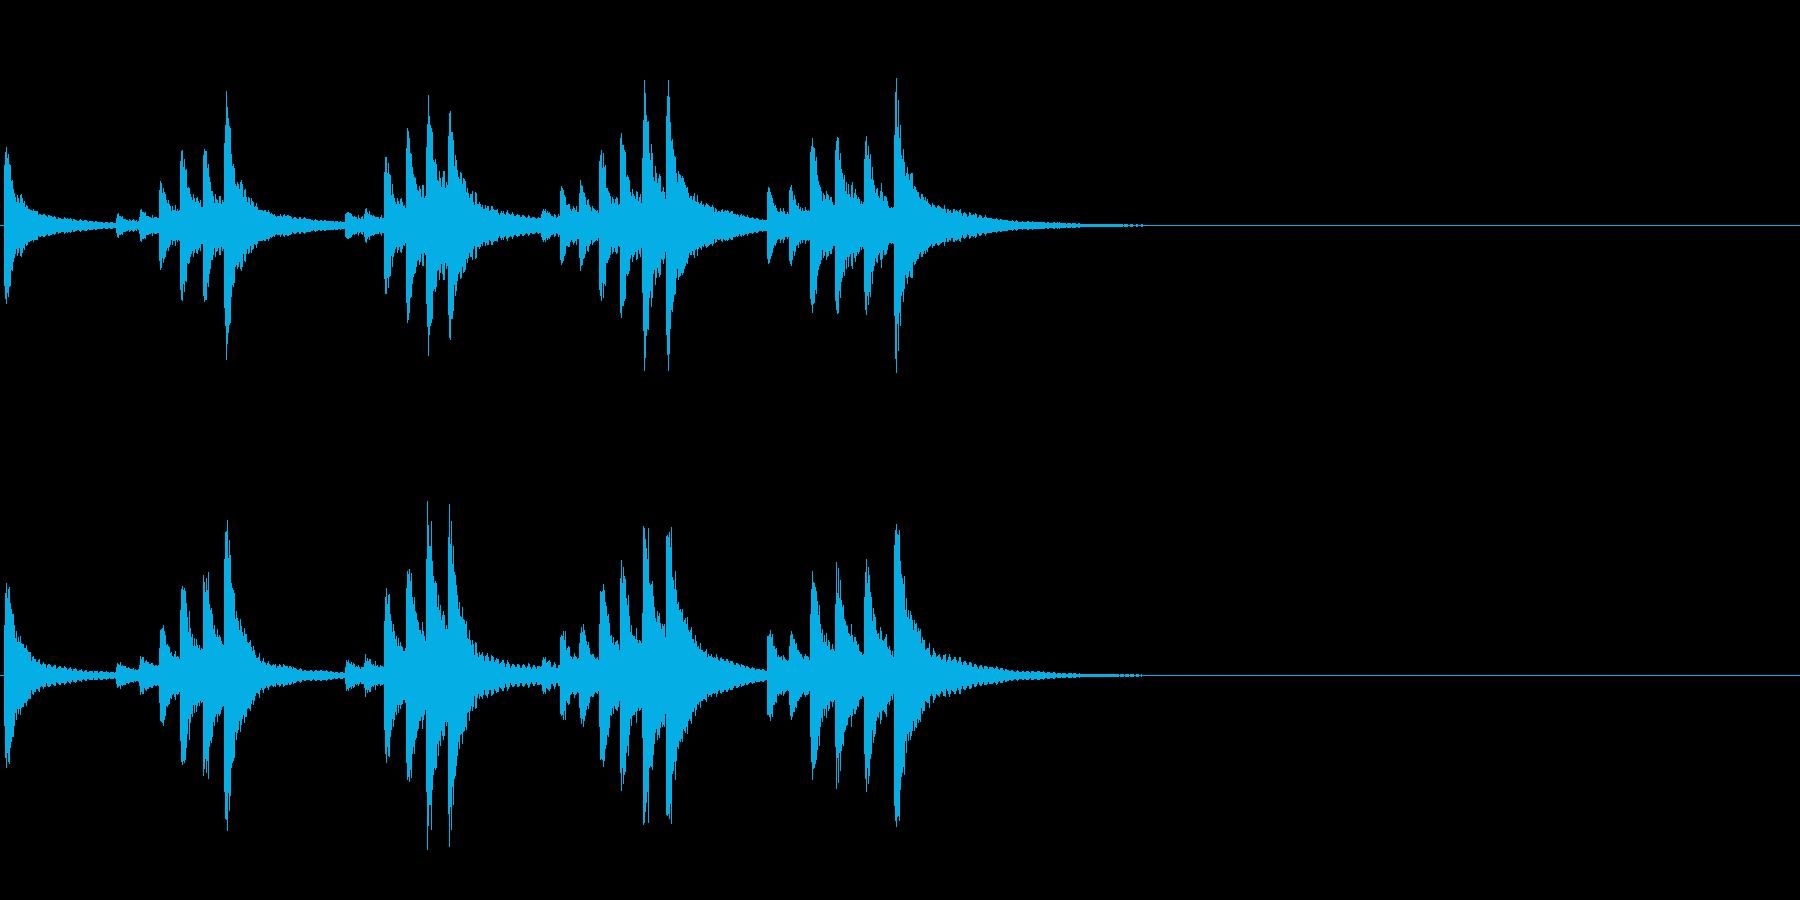 小型の鐘「本つり鐘」のフレーズ音3の再生済みの波形